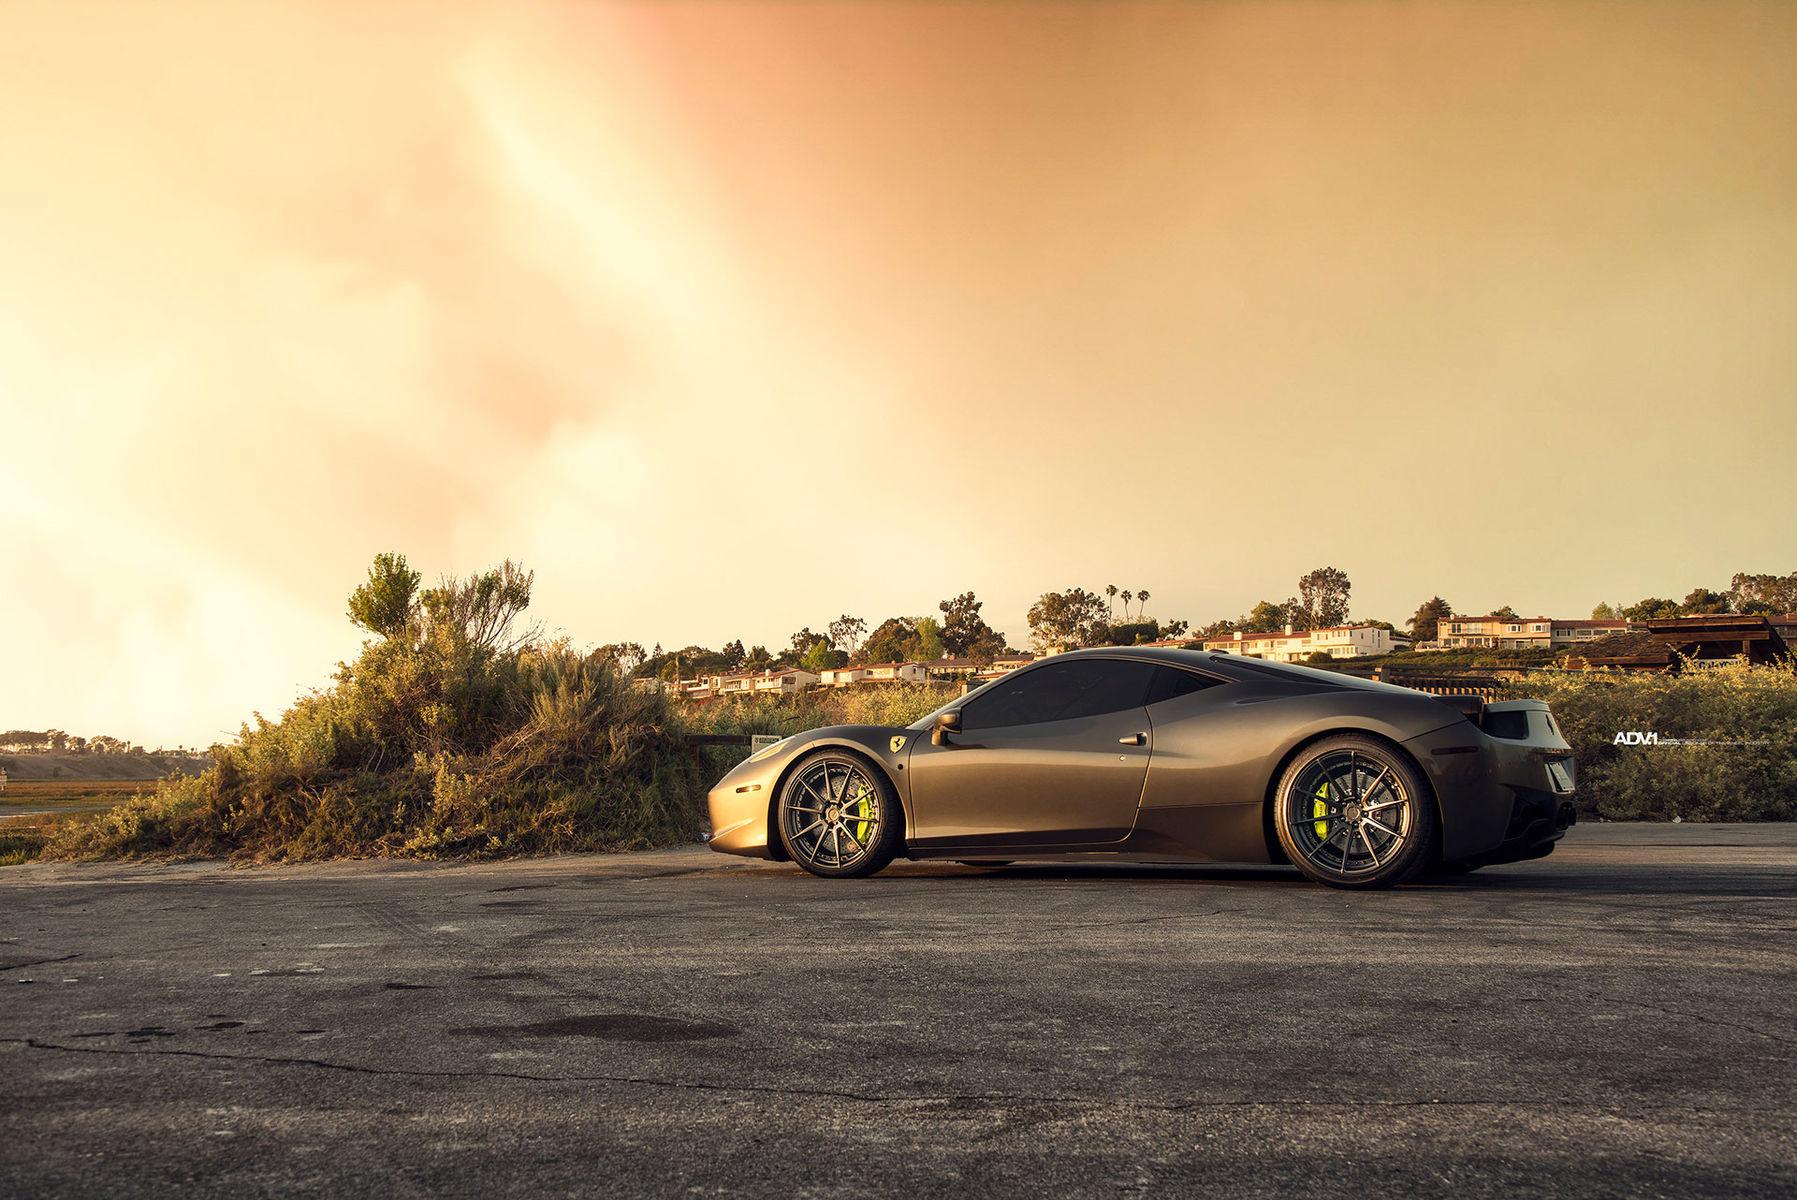 Ferrari 458 Italia | Ferrari 458 Italia - ADV1 ADV10 M.V2 SL Series Wheels